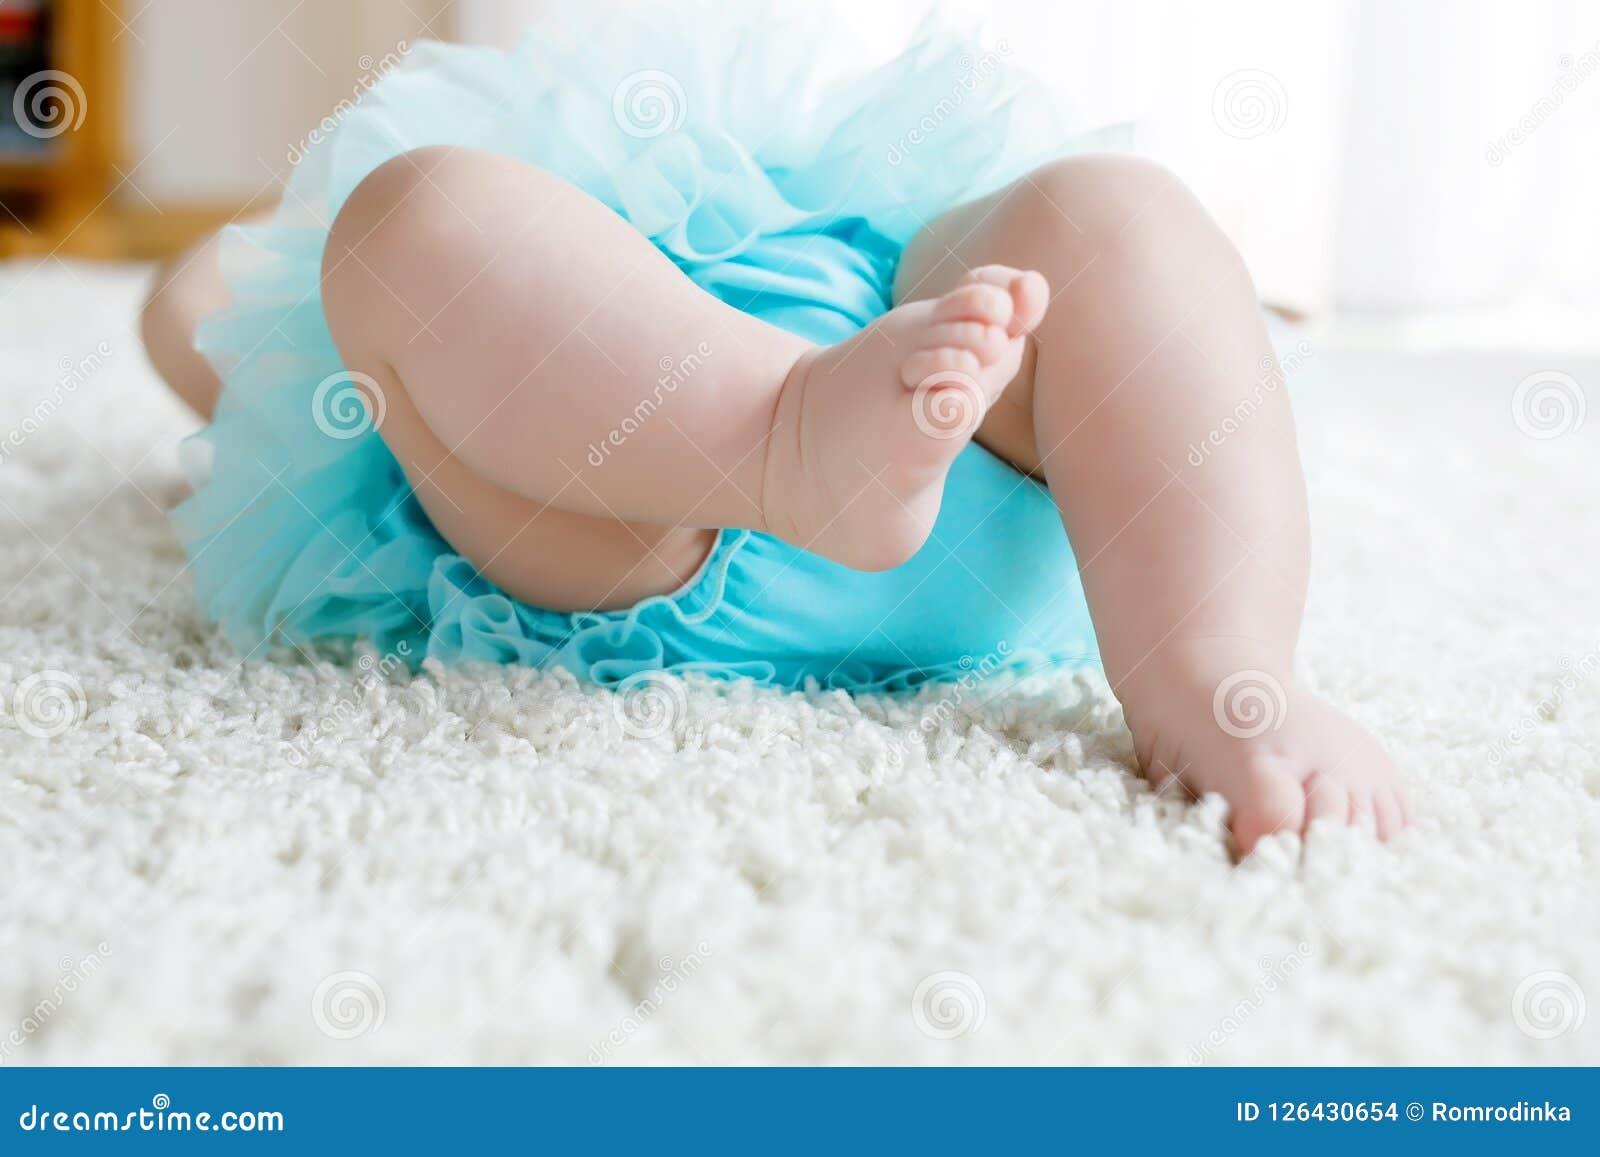 Η κινηματογράφηση σε πρώτο πλάνο των ποδιών και τα πόδια του κοριτσάκι στο άσπρο υπόβαθρο που φορά το τυρκουάζ tutu περιζώνουν